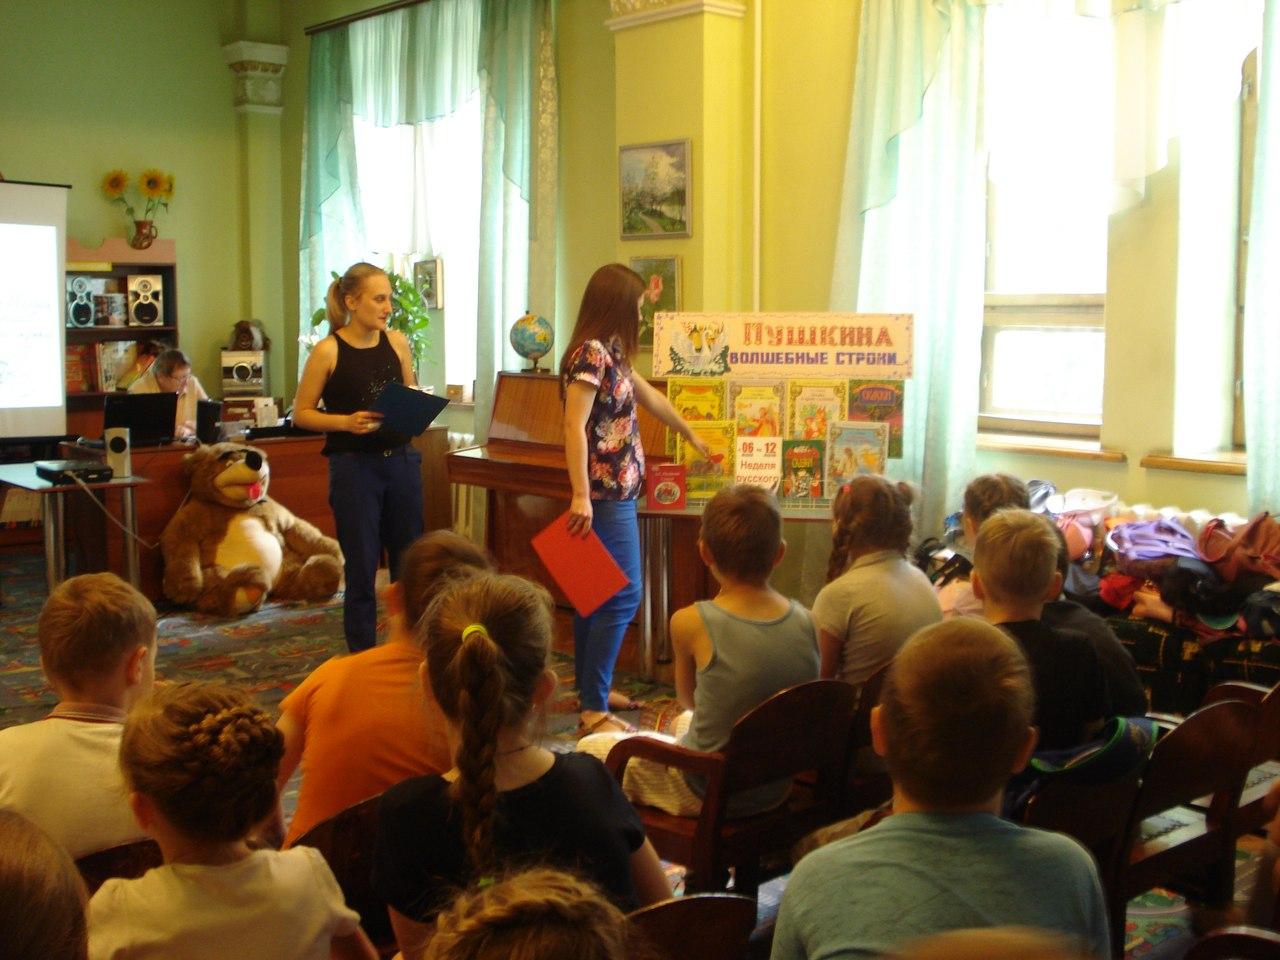 день родного языка, донецкая республиканская библиотека для детей, отдел обслуживания дошкольников и учащихся 1-4 классов, пушкин, неделя русского языка